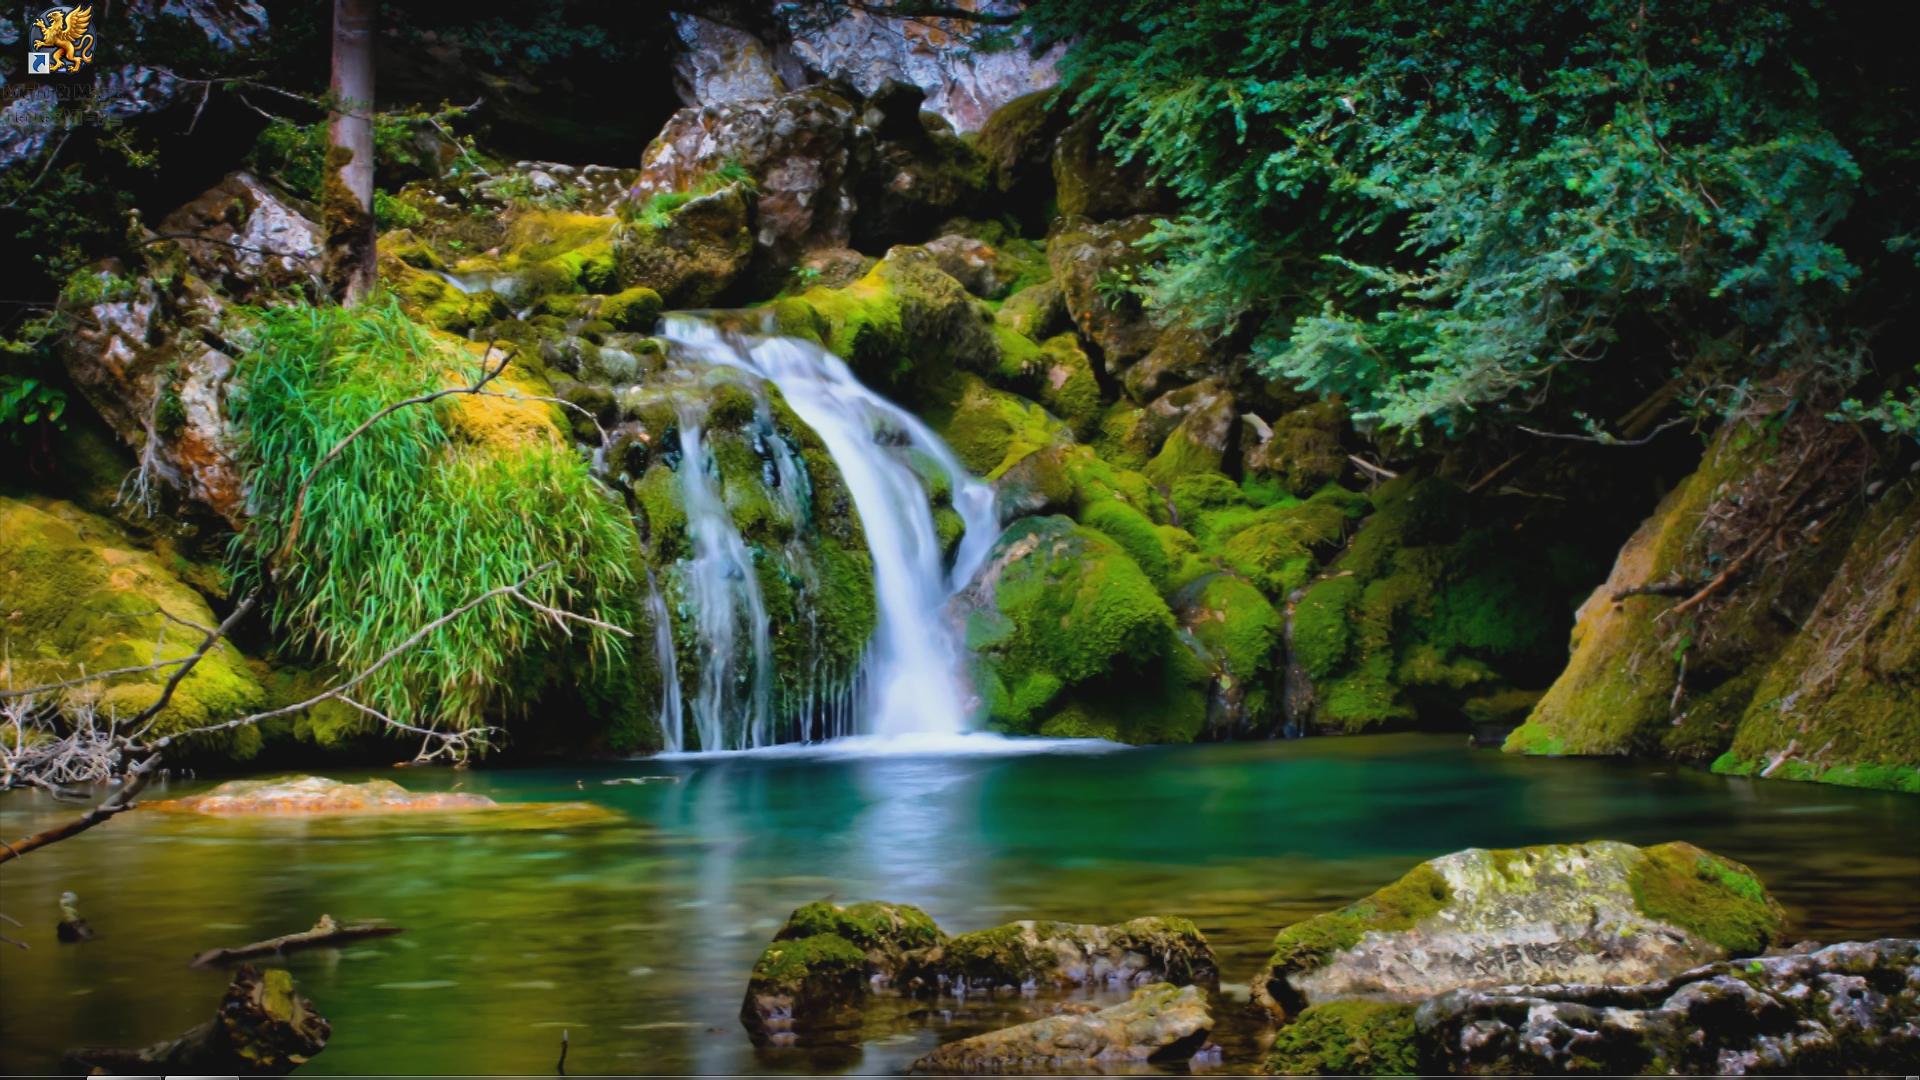 water dreamscene full hd desktop wallpaper http69hdwallpapers comwater